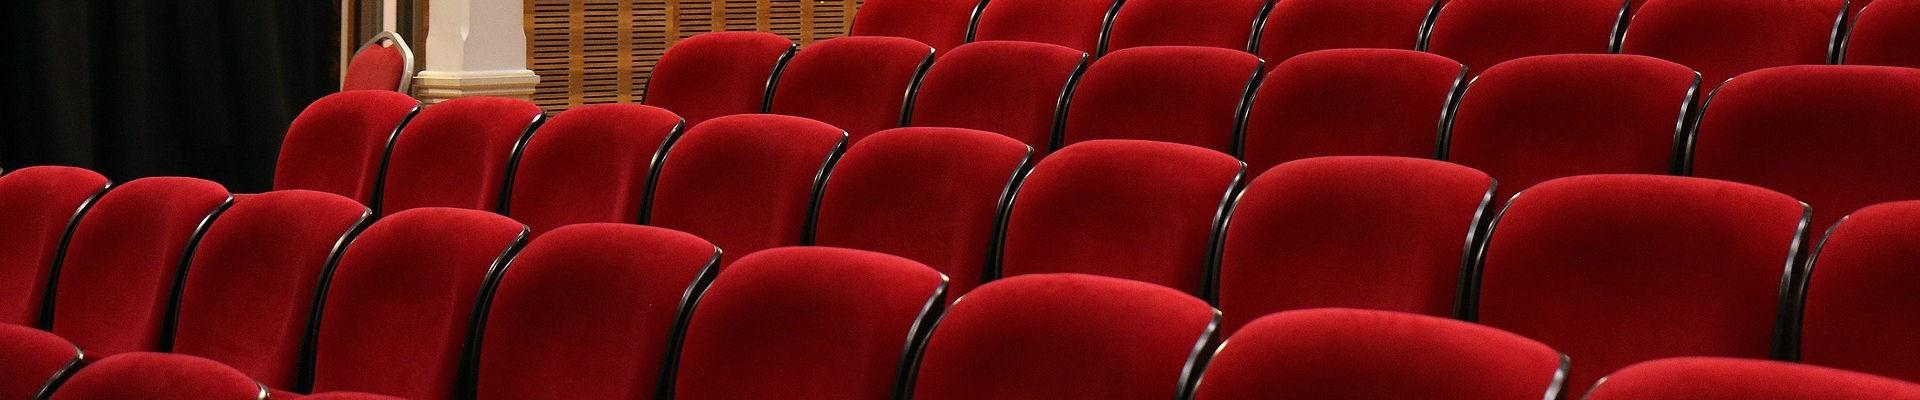 v1-theatre-400px-788